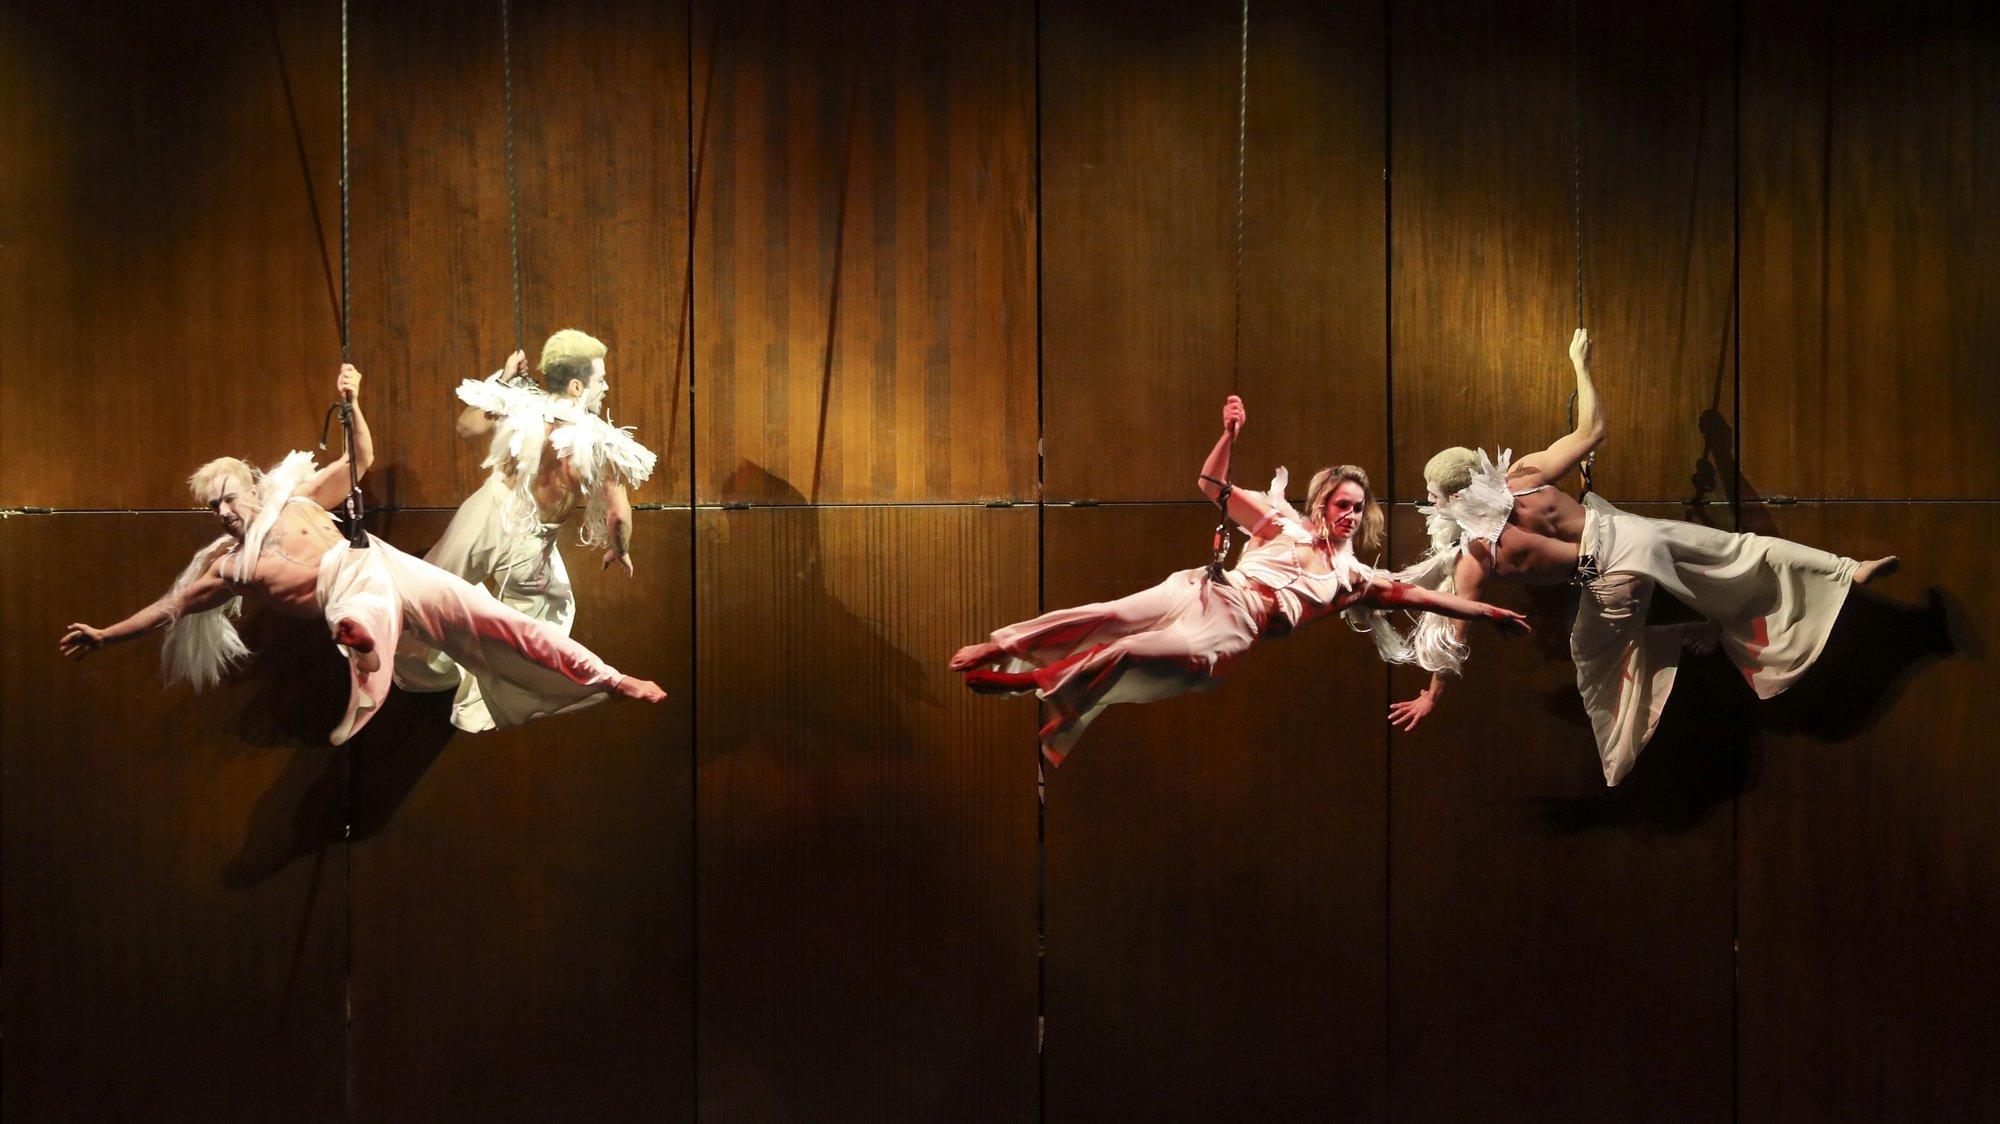 Artistas atuam no Circo de Natal do Coliseu do Porto, 13 de dezembro de 2020. O Circo acontece até 3 de janeiro, com um elenco português e uma orquestra a tocar ao vivo a banda sonora original de Filipe Raposo, para todos os números.  JOSÉ COELHO/LUSA